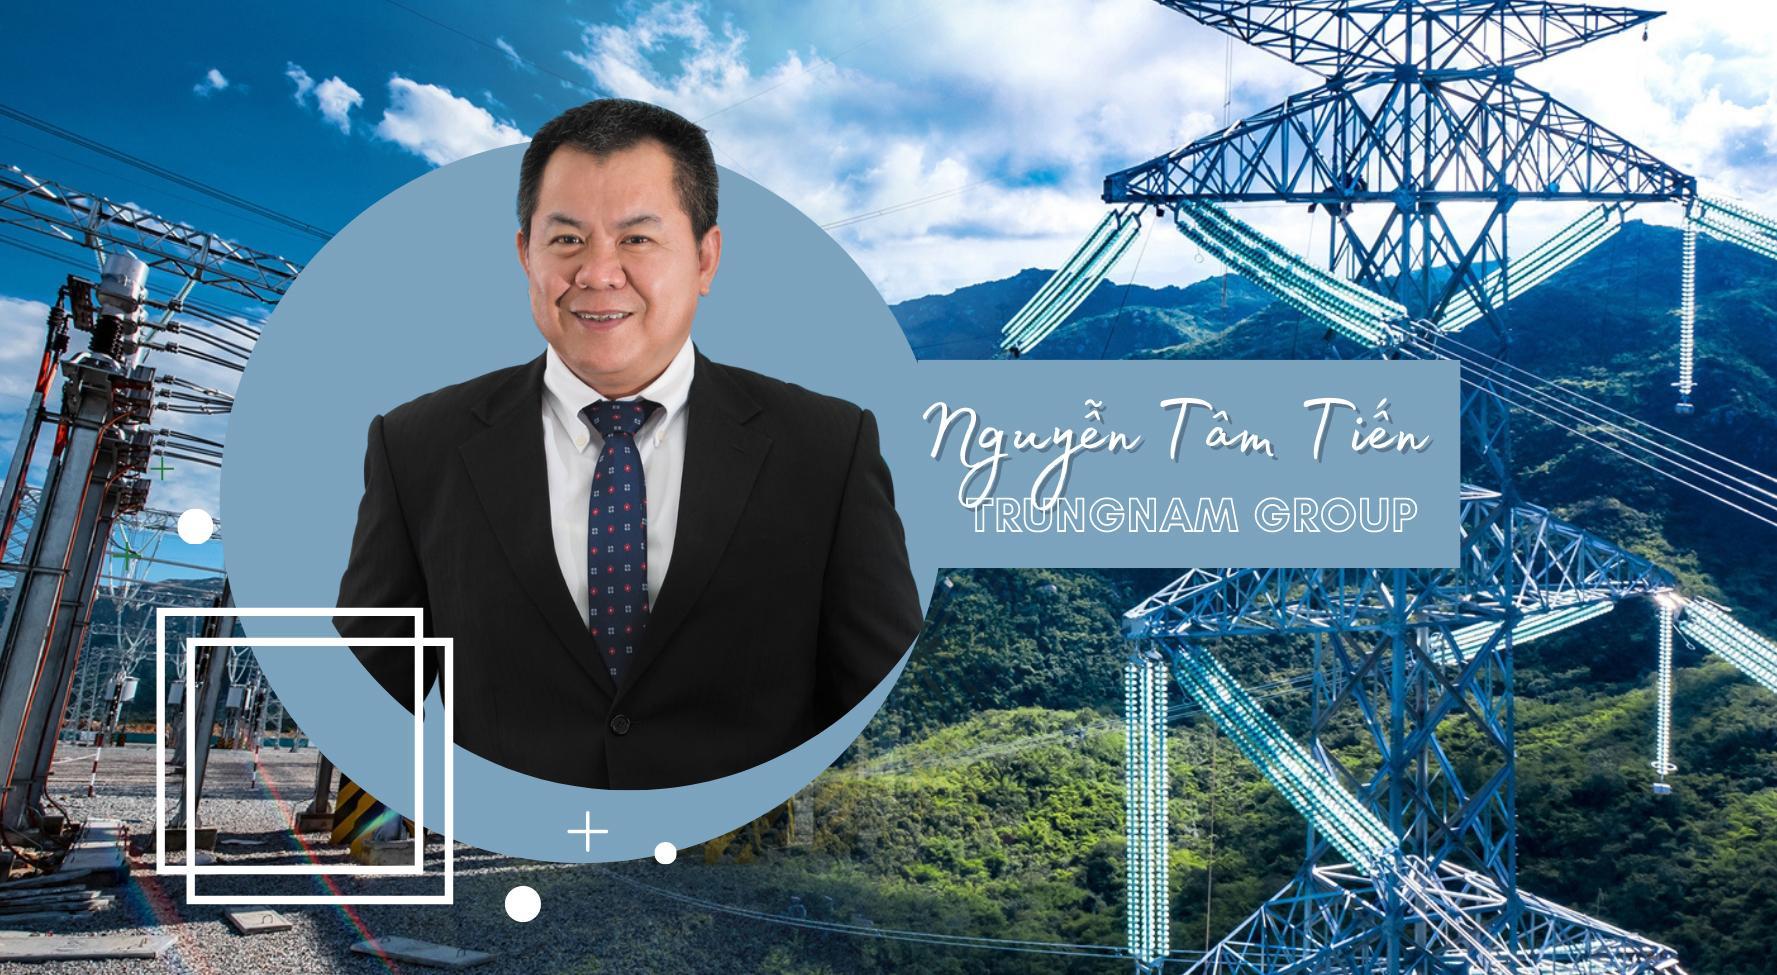 Tổng Giám đốc Trungnam Group Nguyễn Tâm Tiến